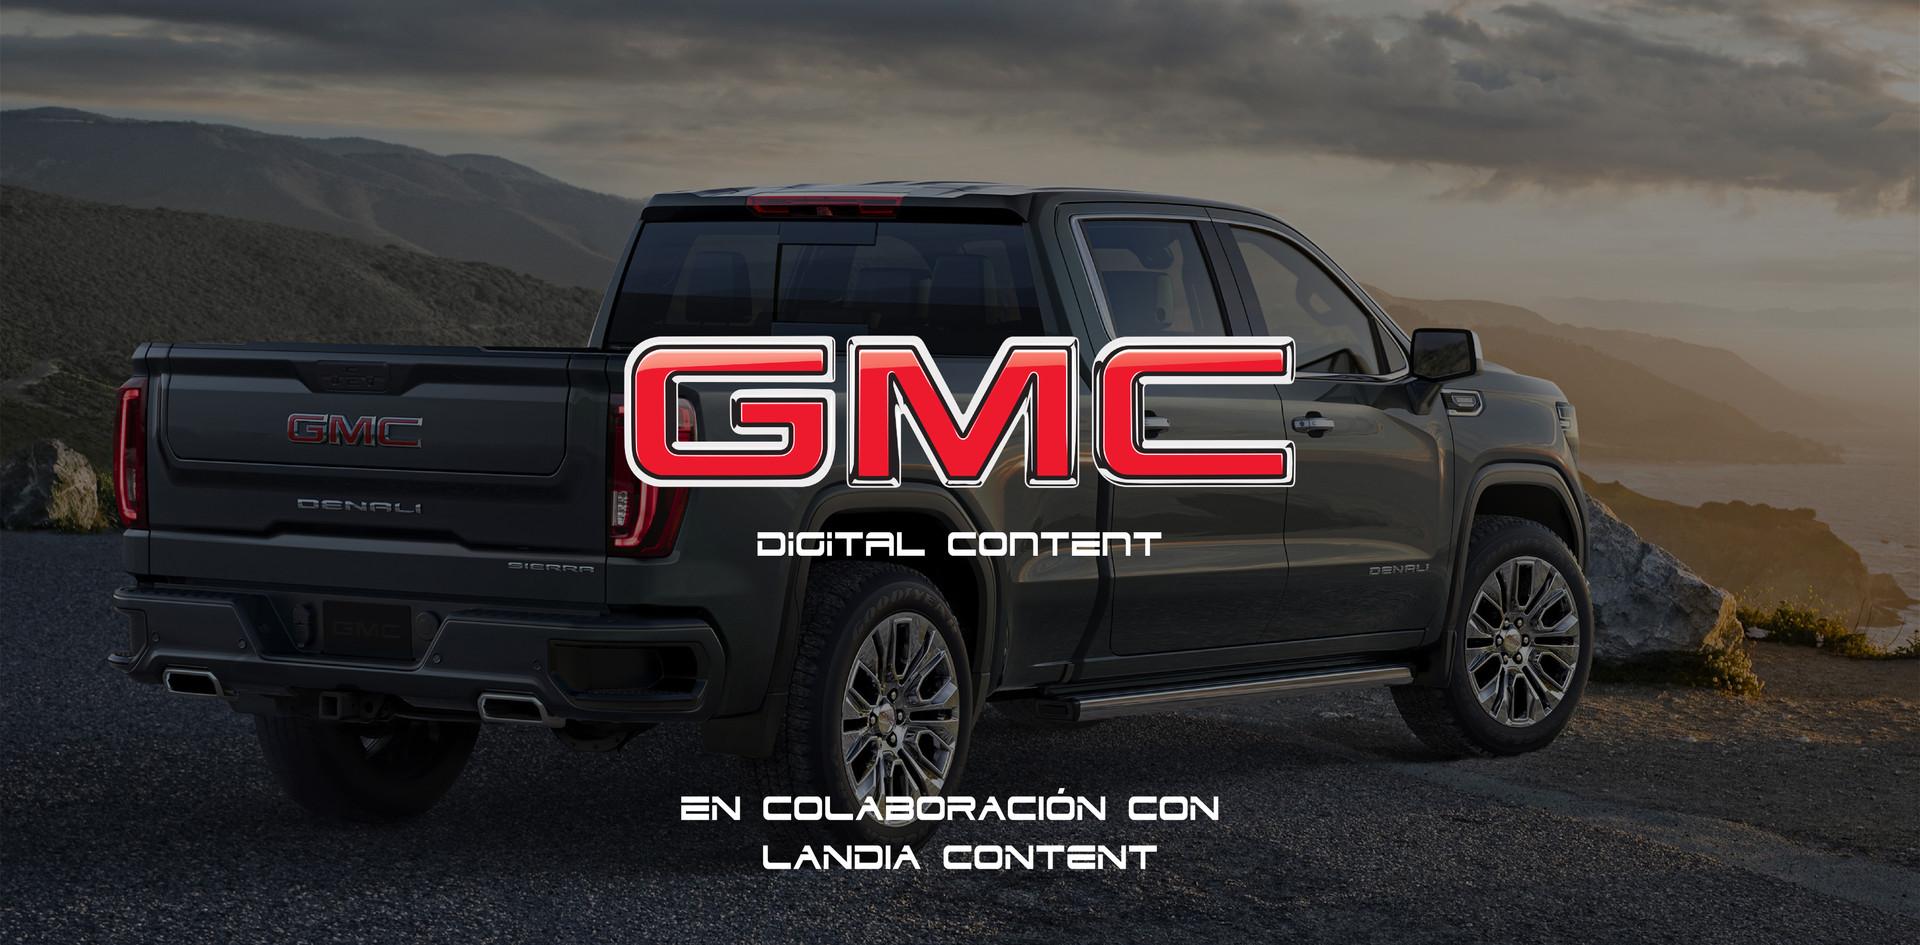 GMC-01.jpg